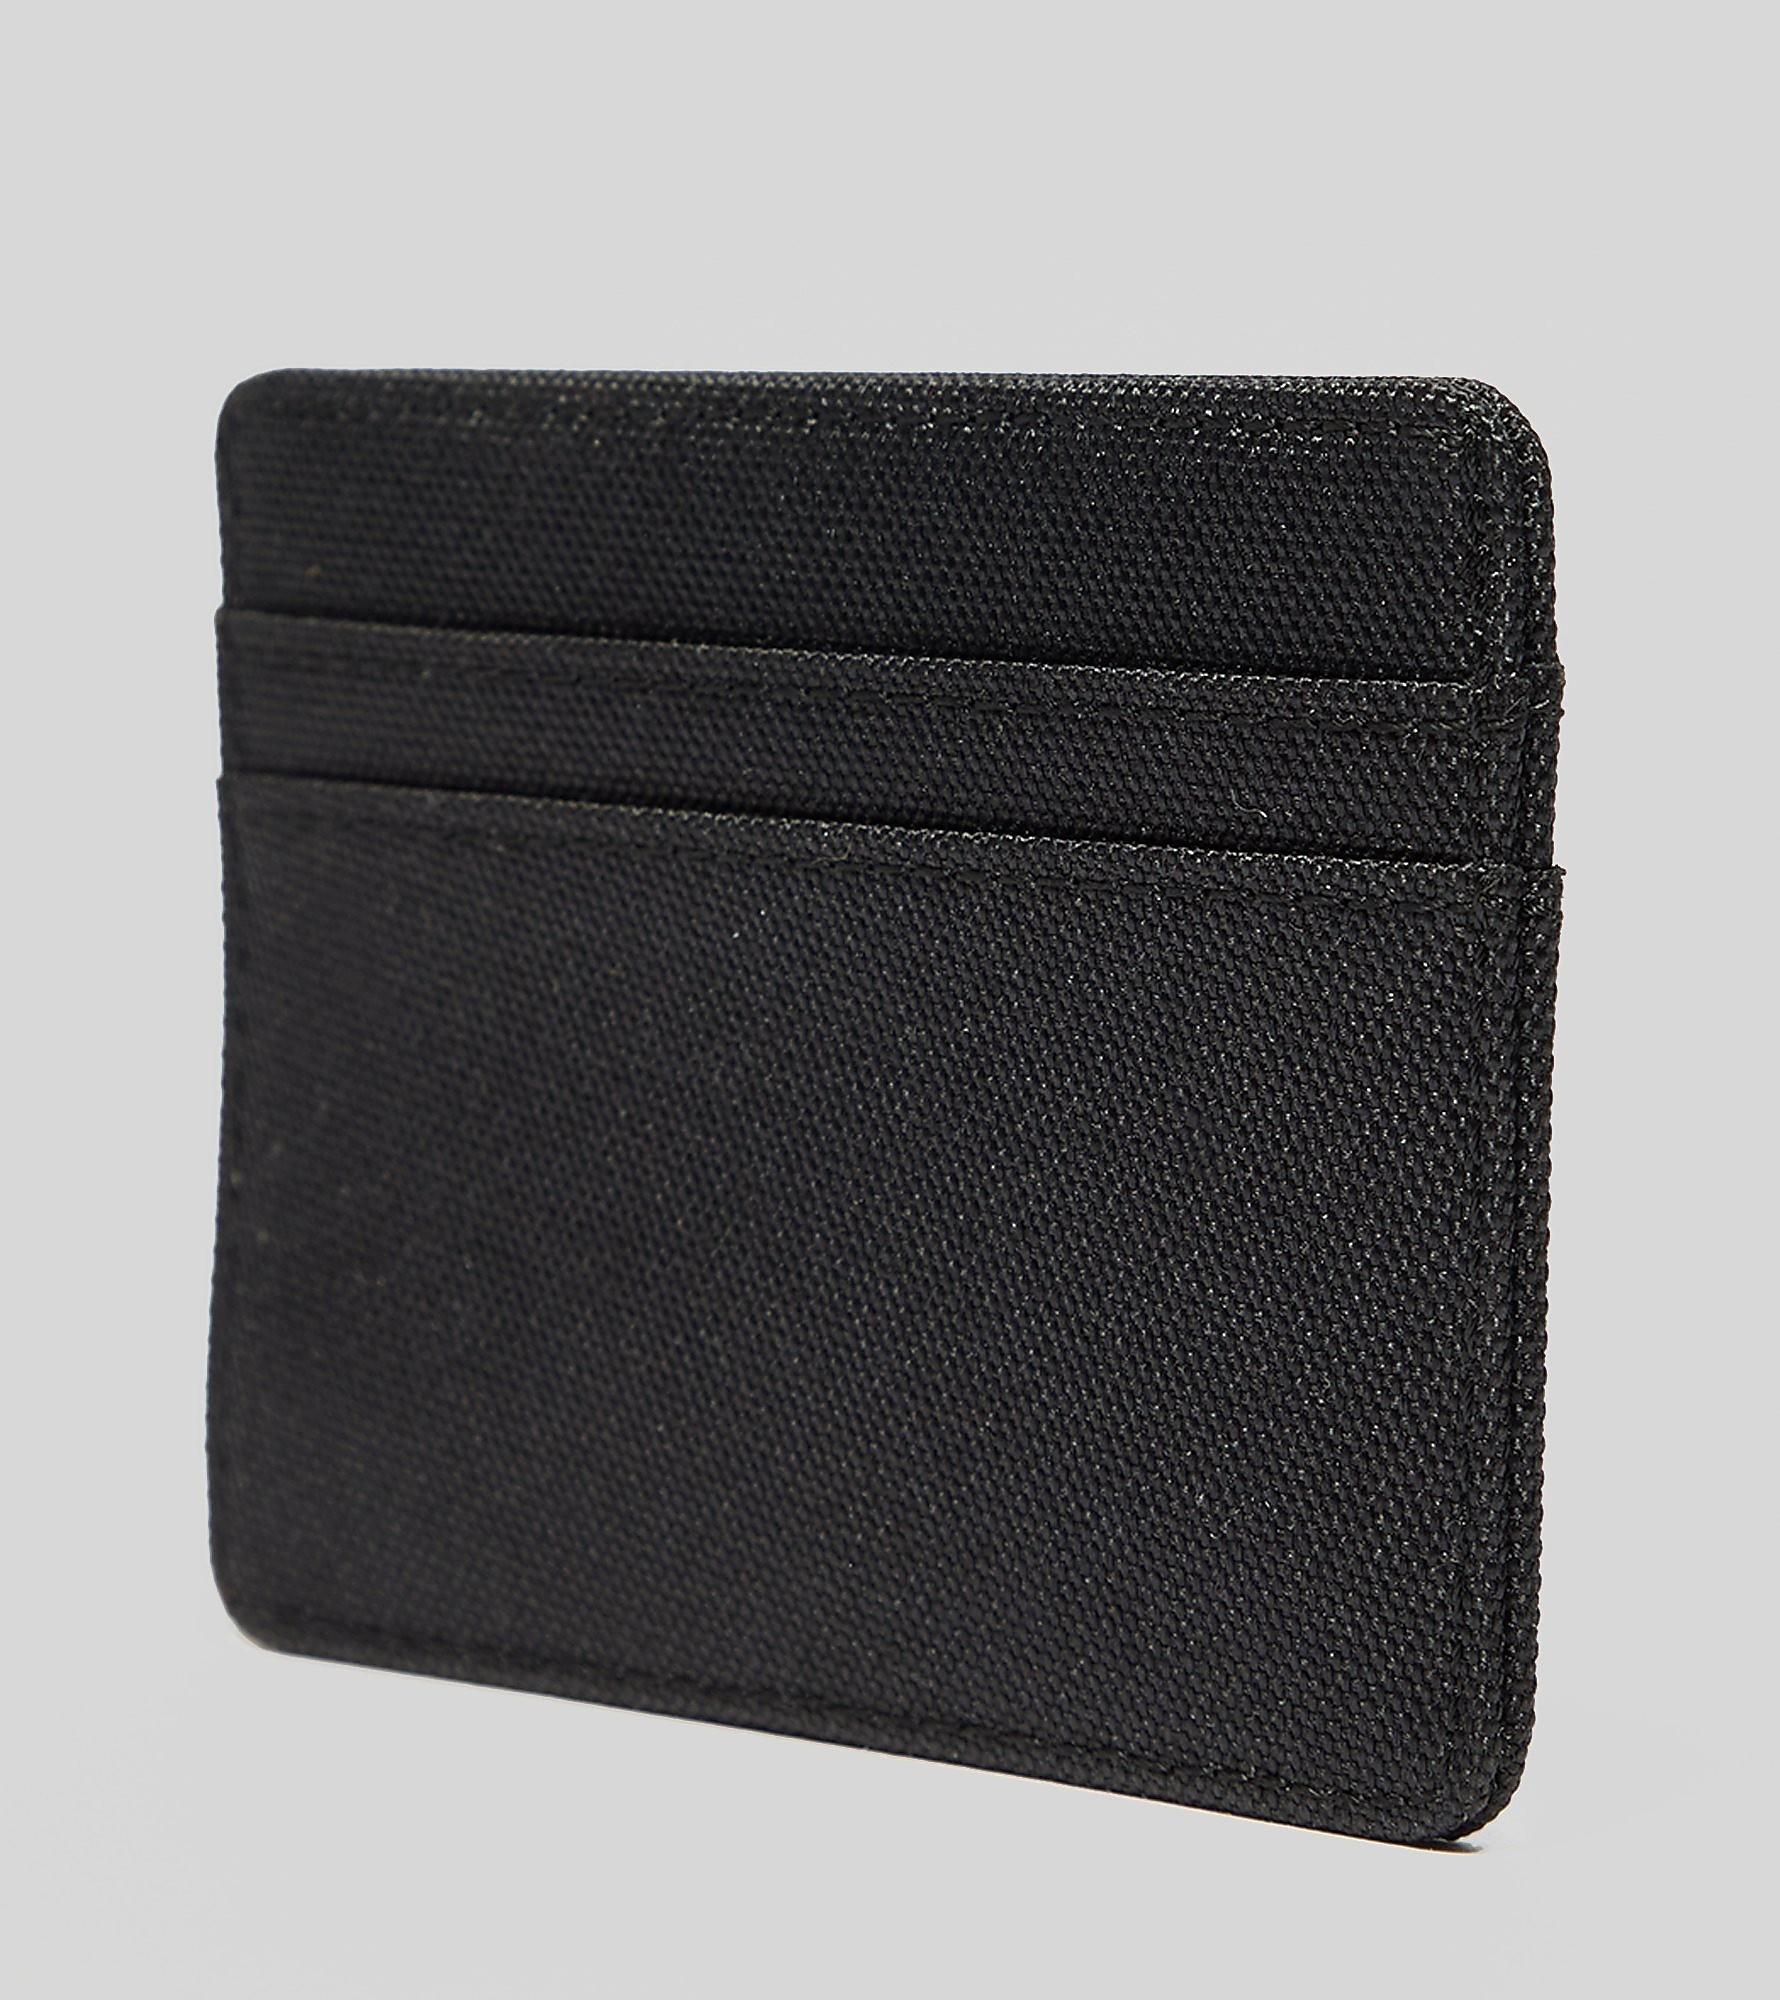 Herschel Supply Co Charlie Card Holder